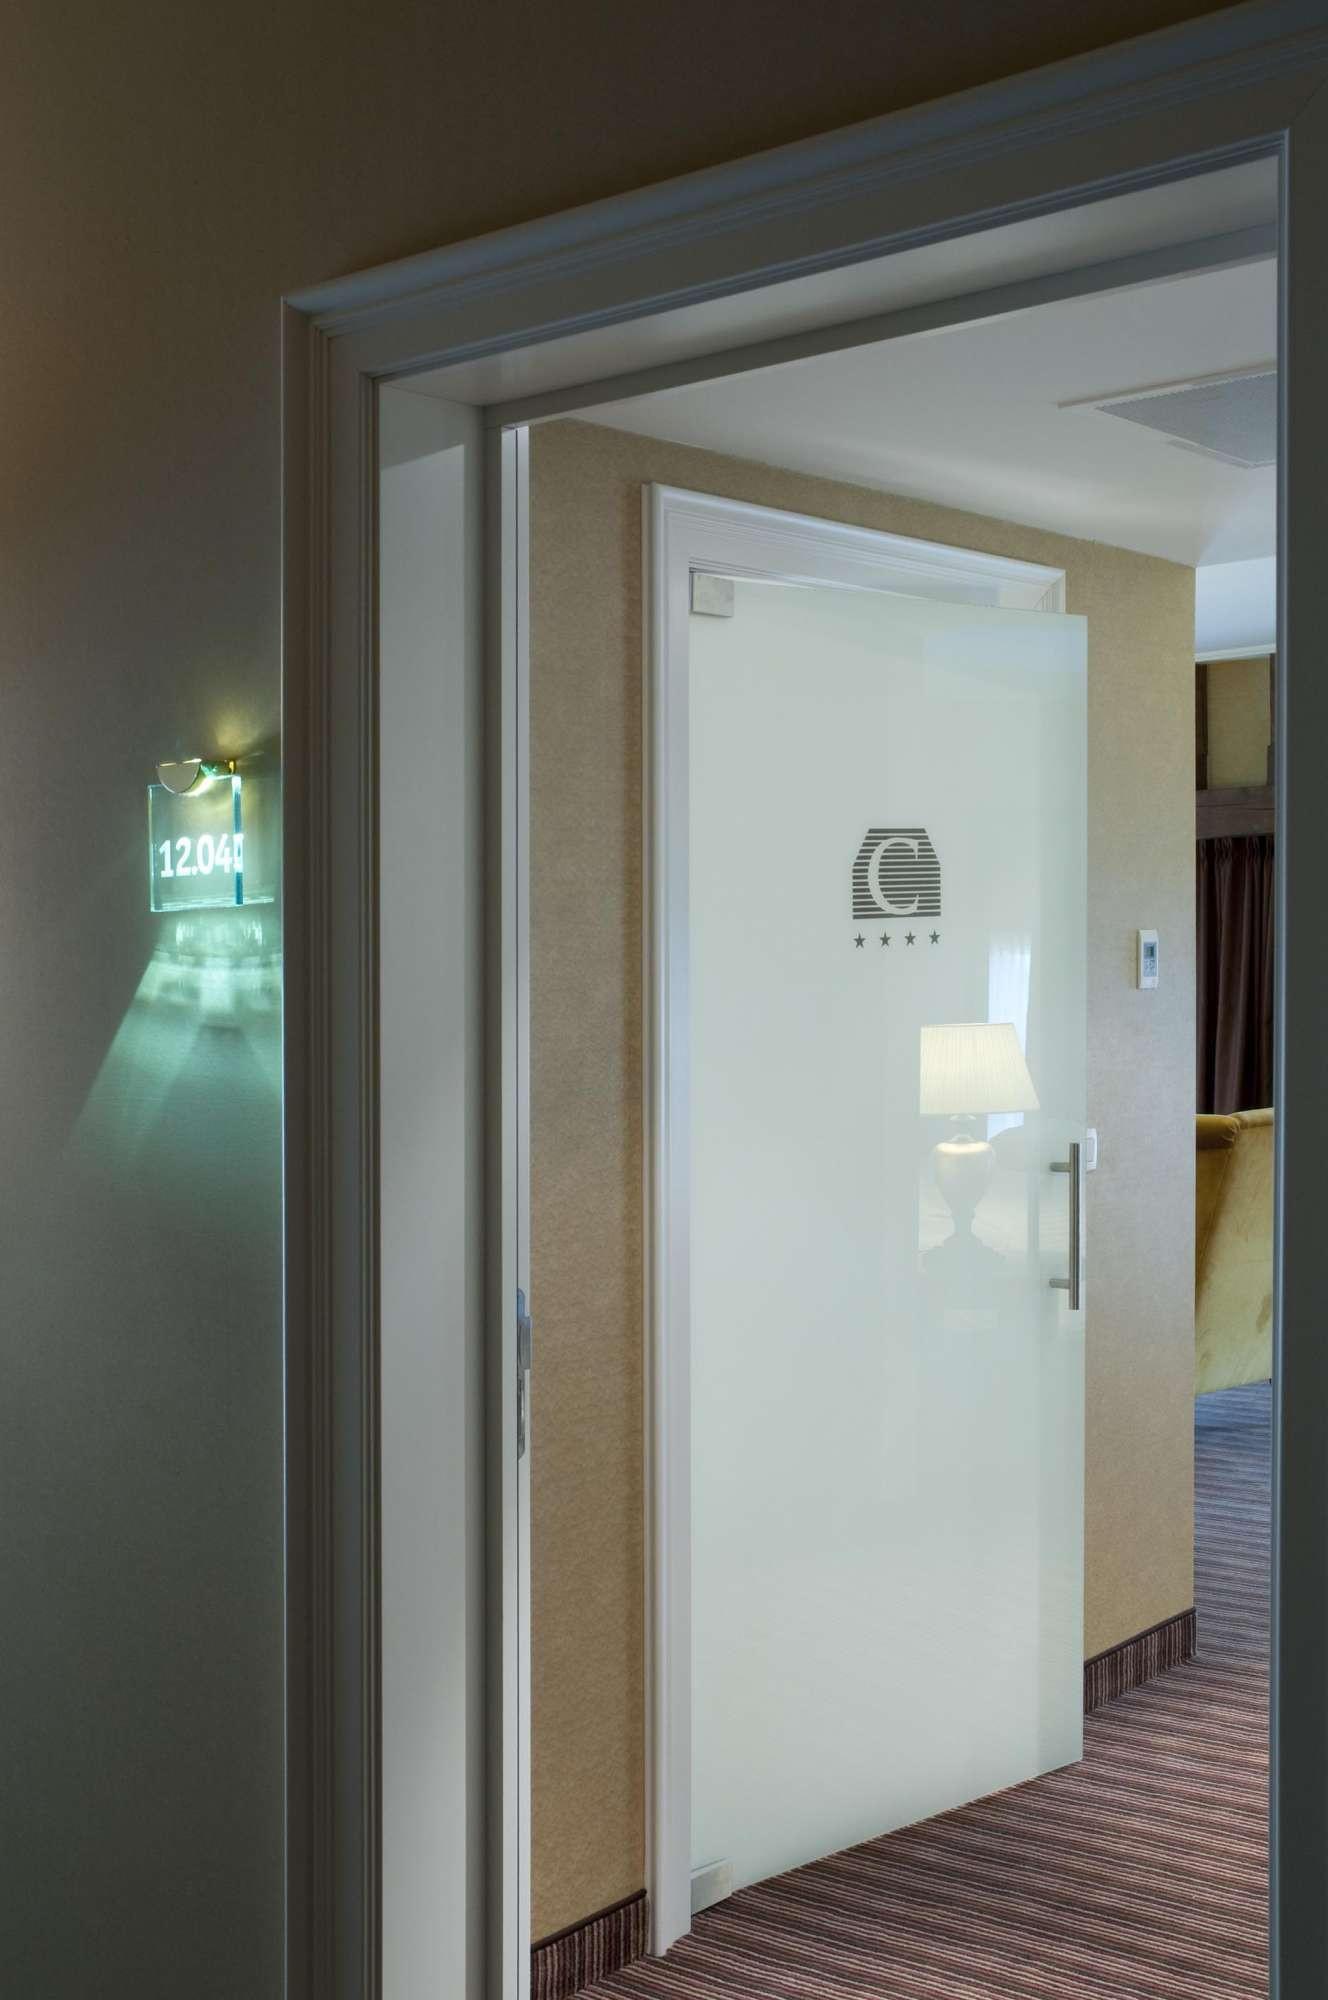 Nordex_Brugge hotel Casselbergh_10